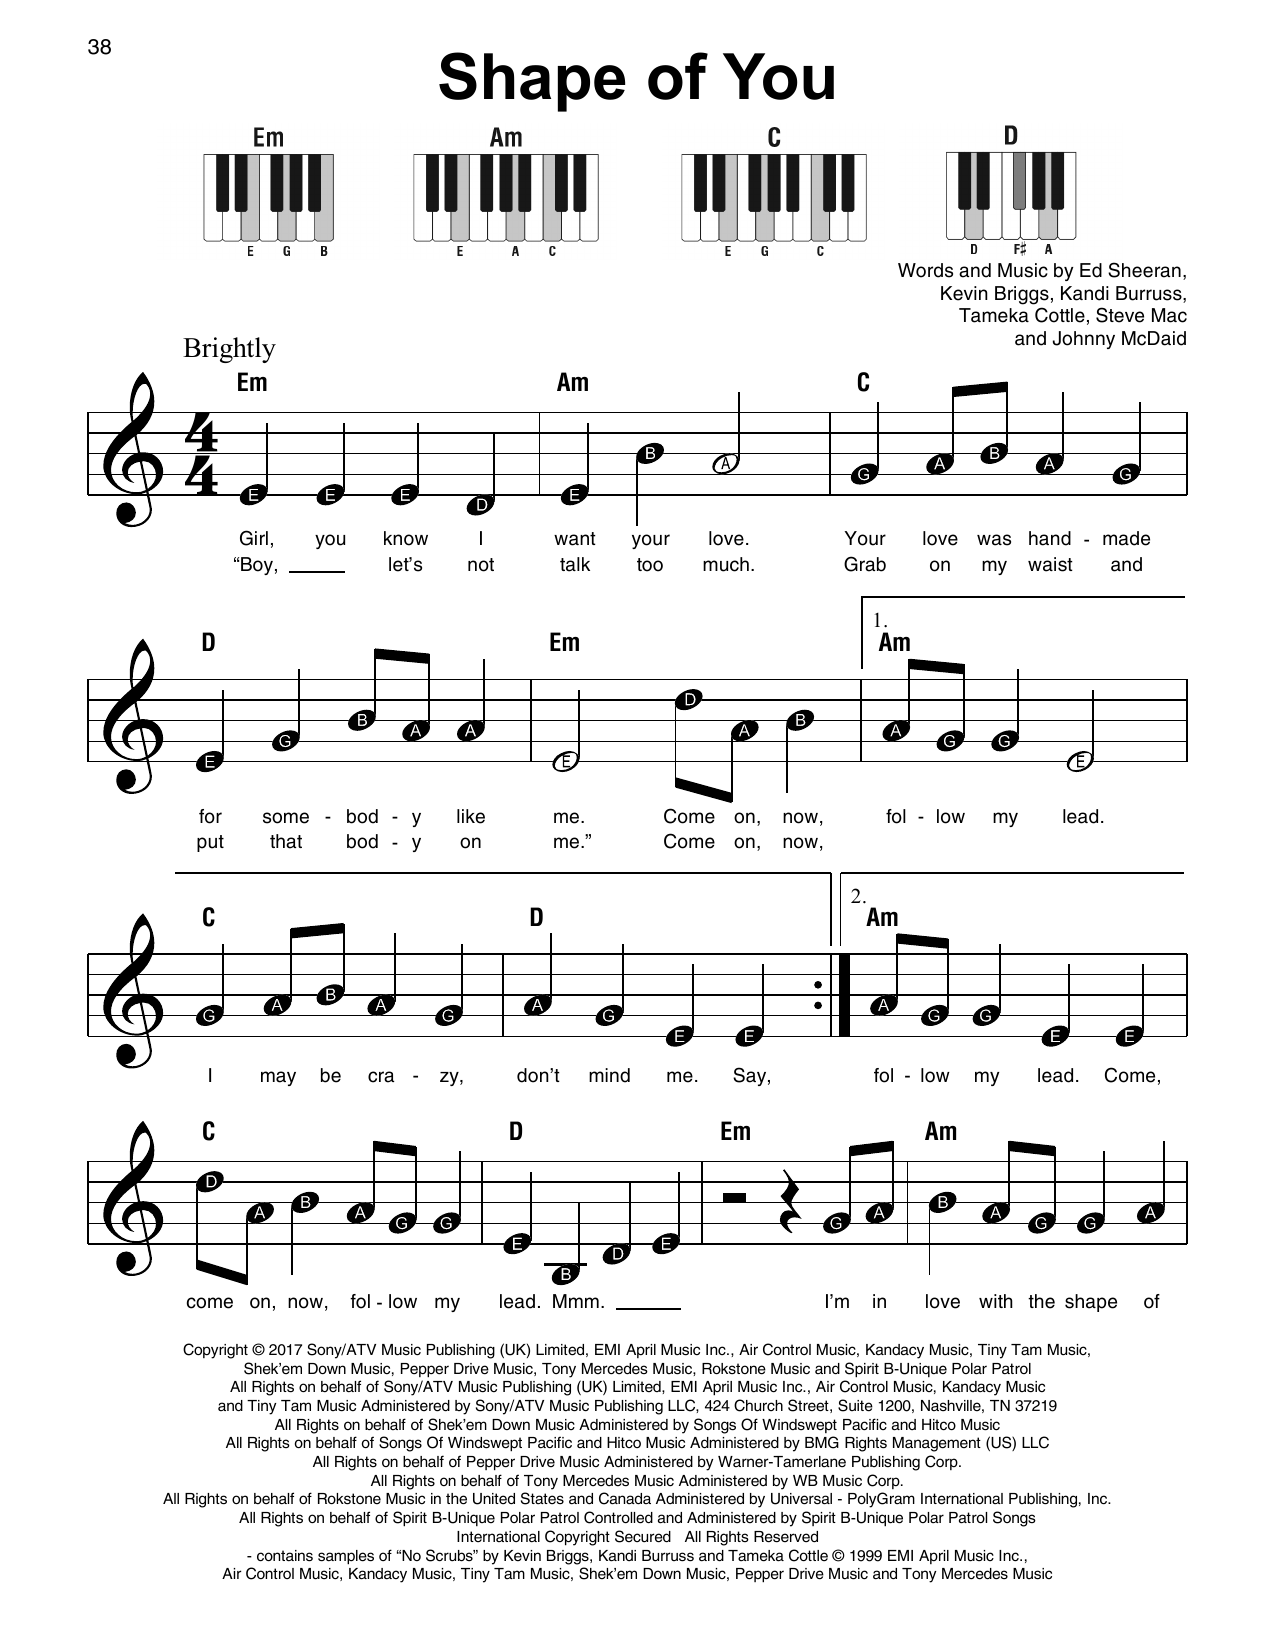 E D Sheeran Shape Of You Sheet Music For Super Easy Piano Print Now Easy Piano Sheet Music Shape Of You